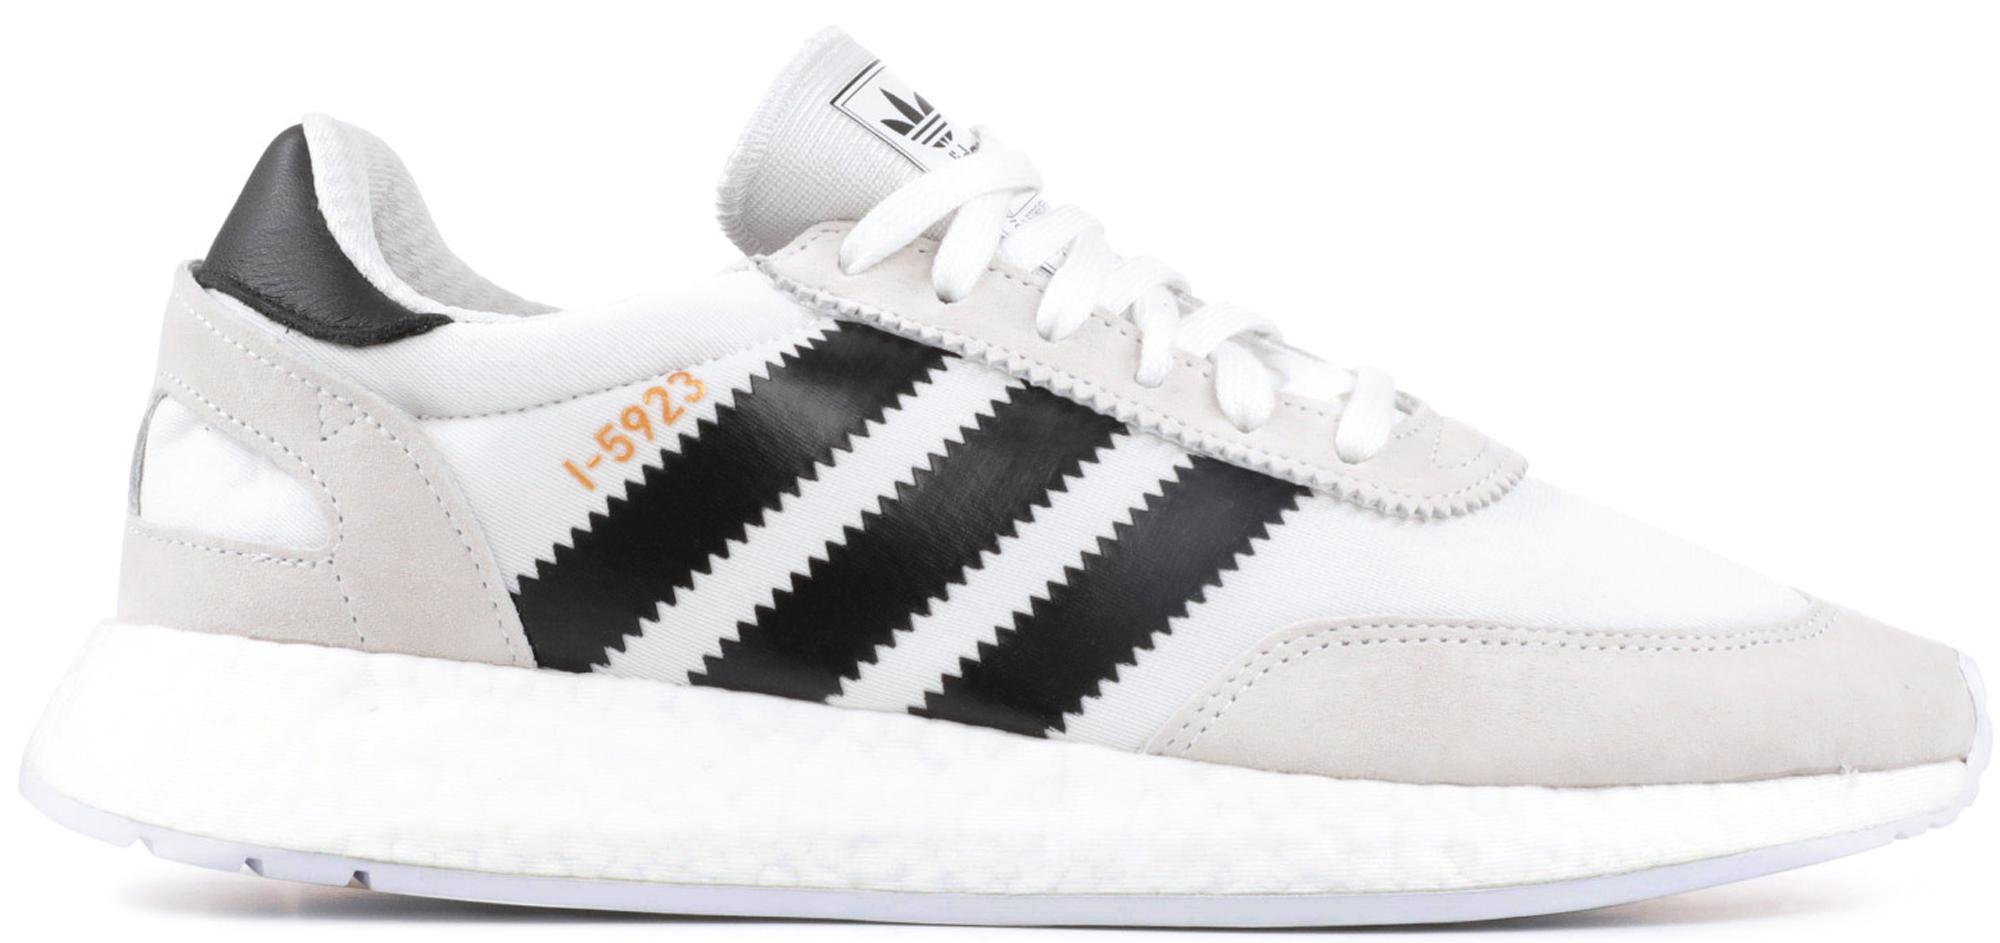 adidas I-5923 White Black